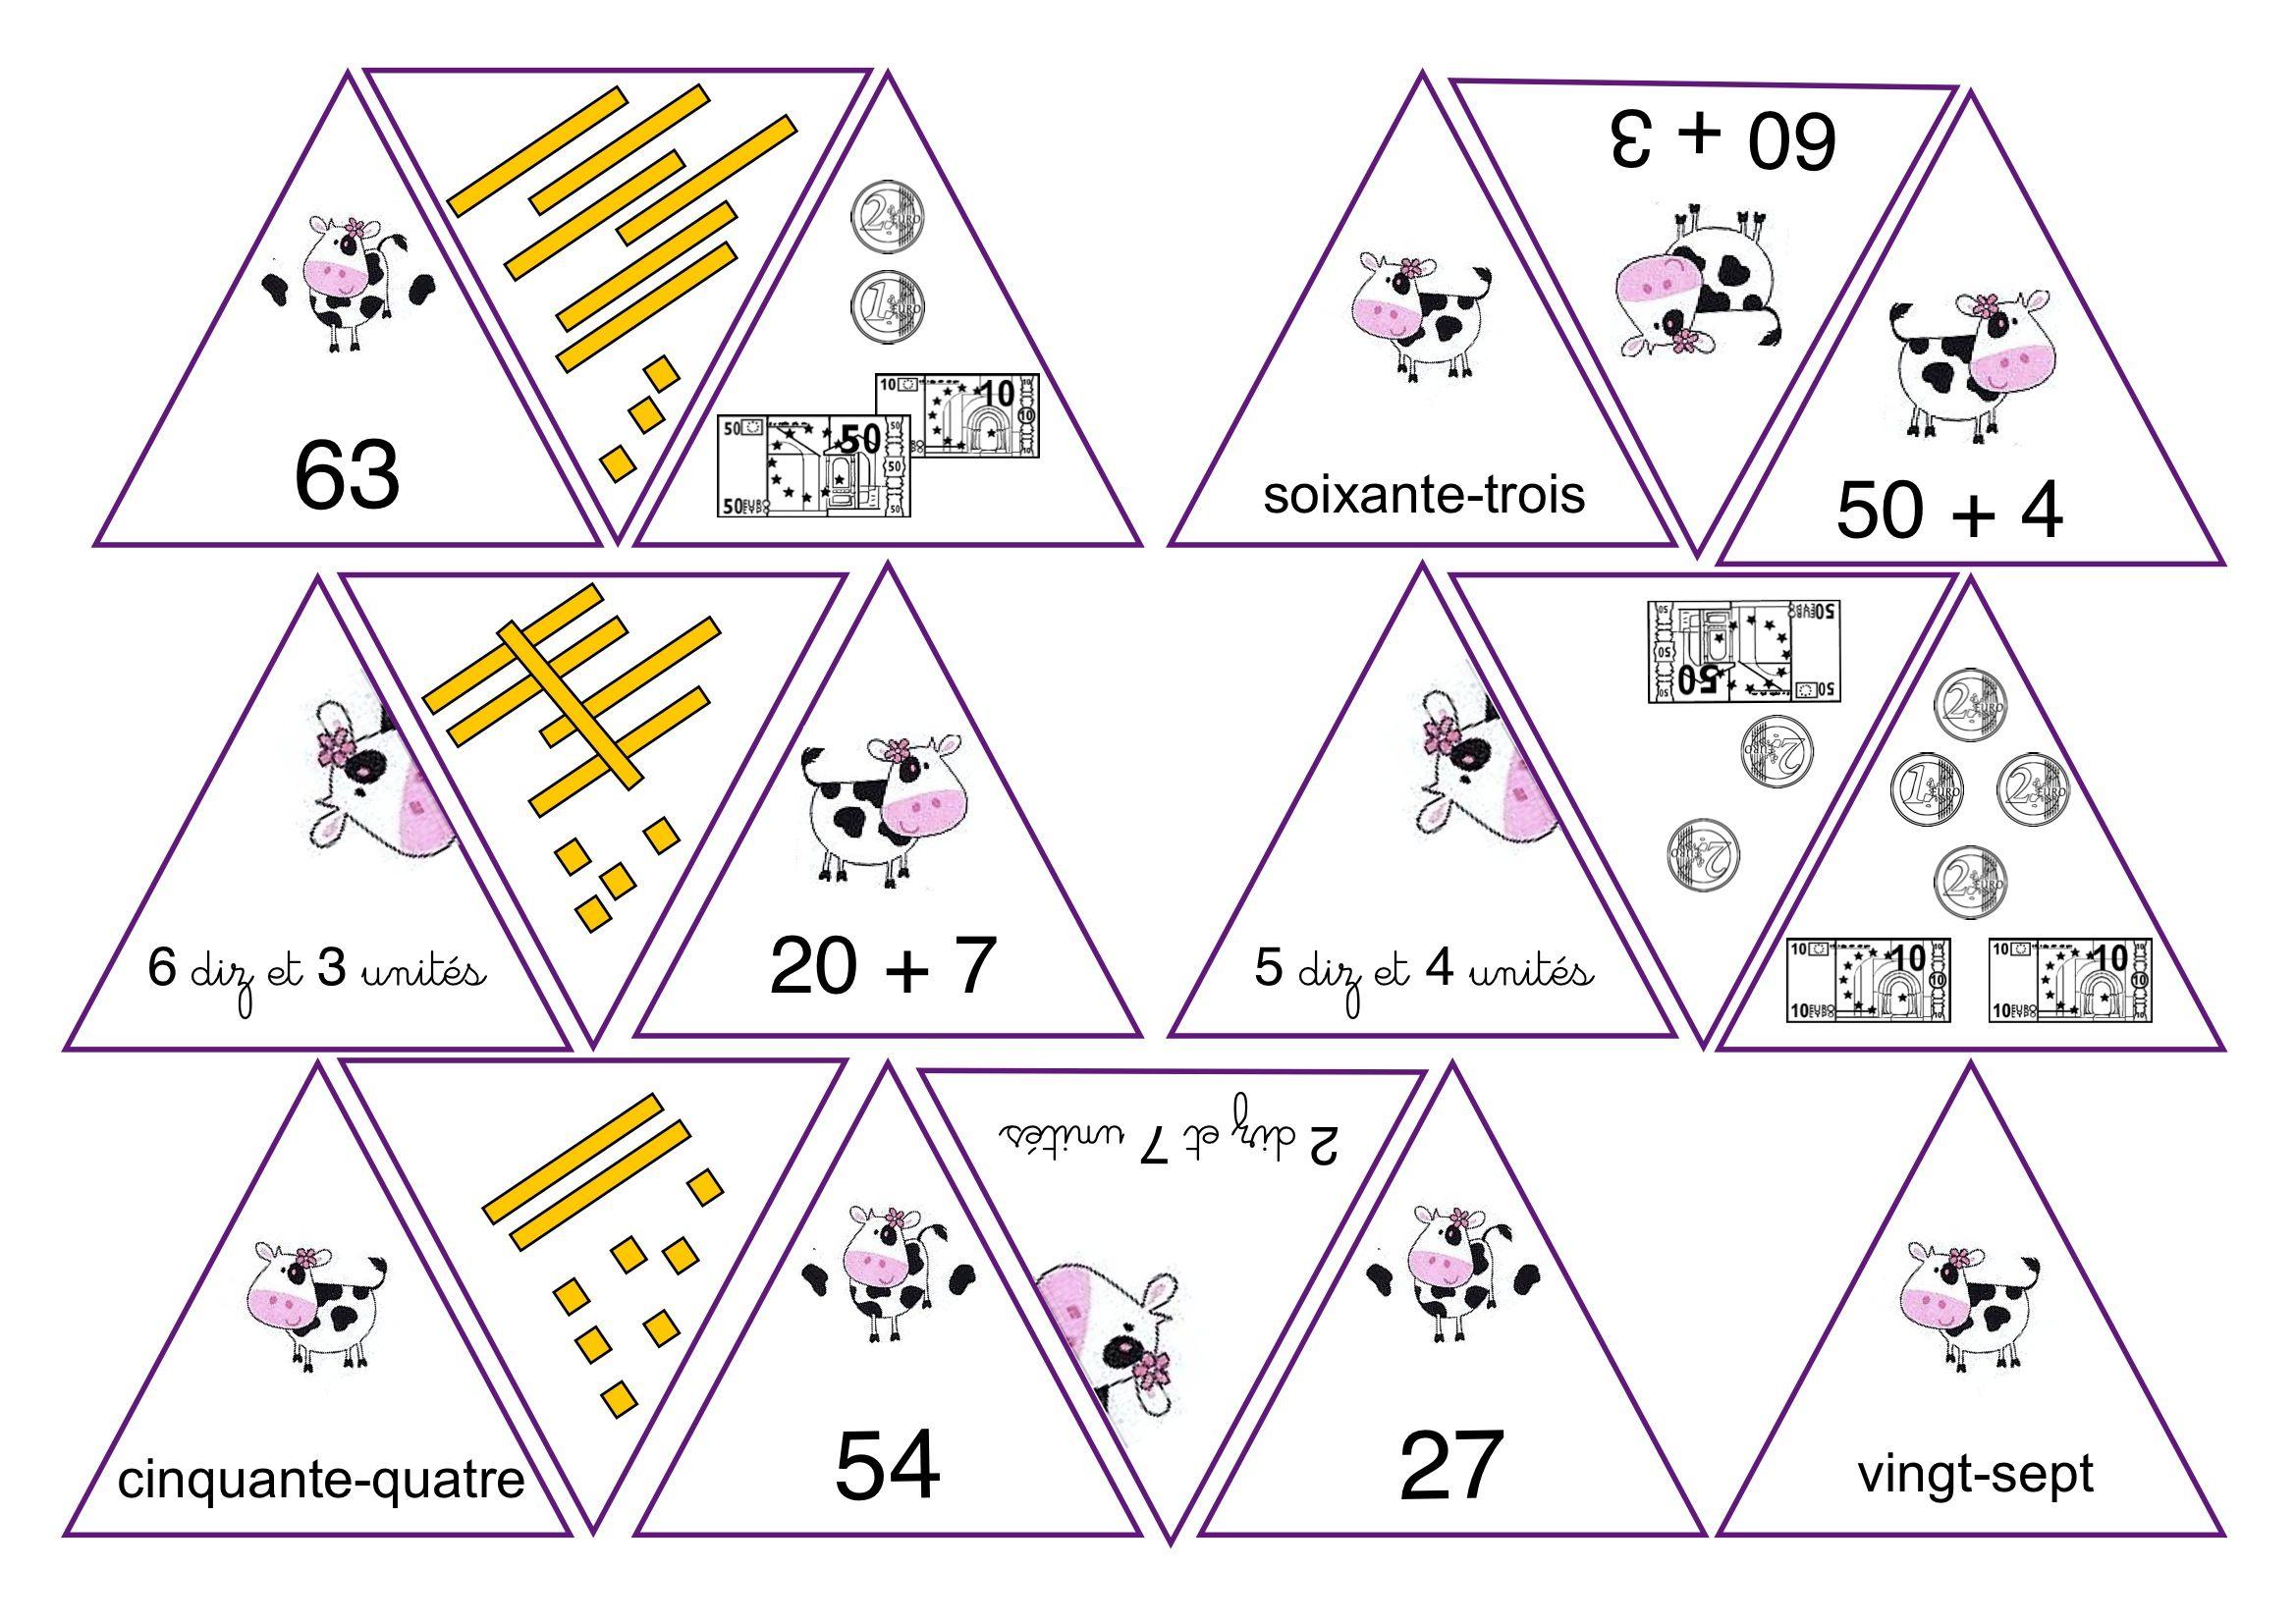 Tdltsxnrxrivy3Gspkpiyvxzrwk (2338×1653) | Picbille, Jeux pour Jeux De Matematique